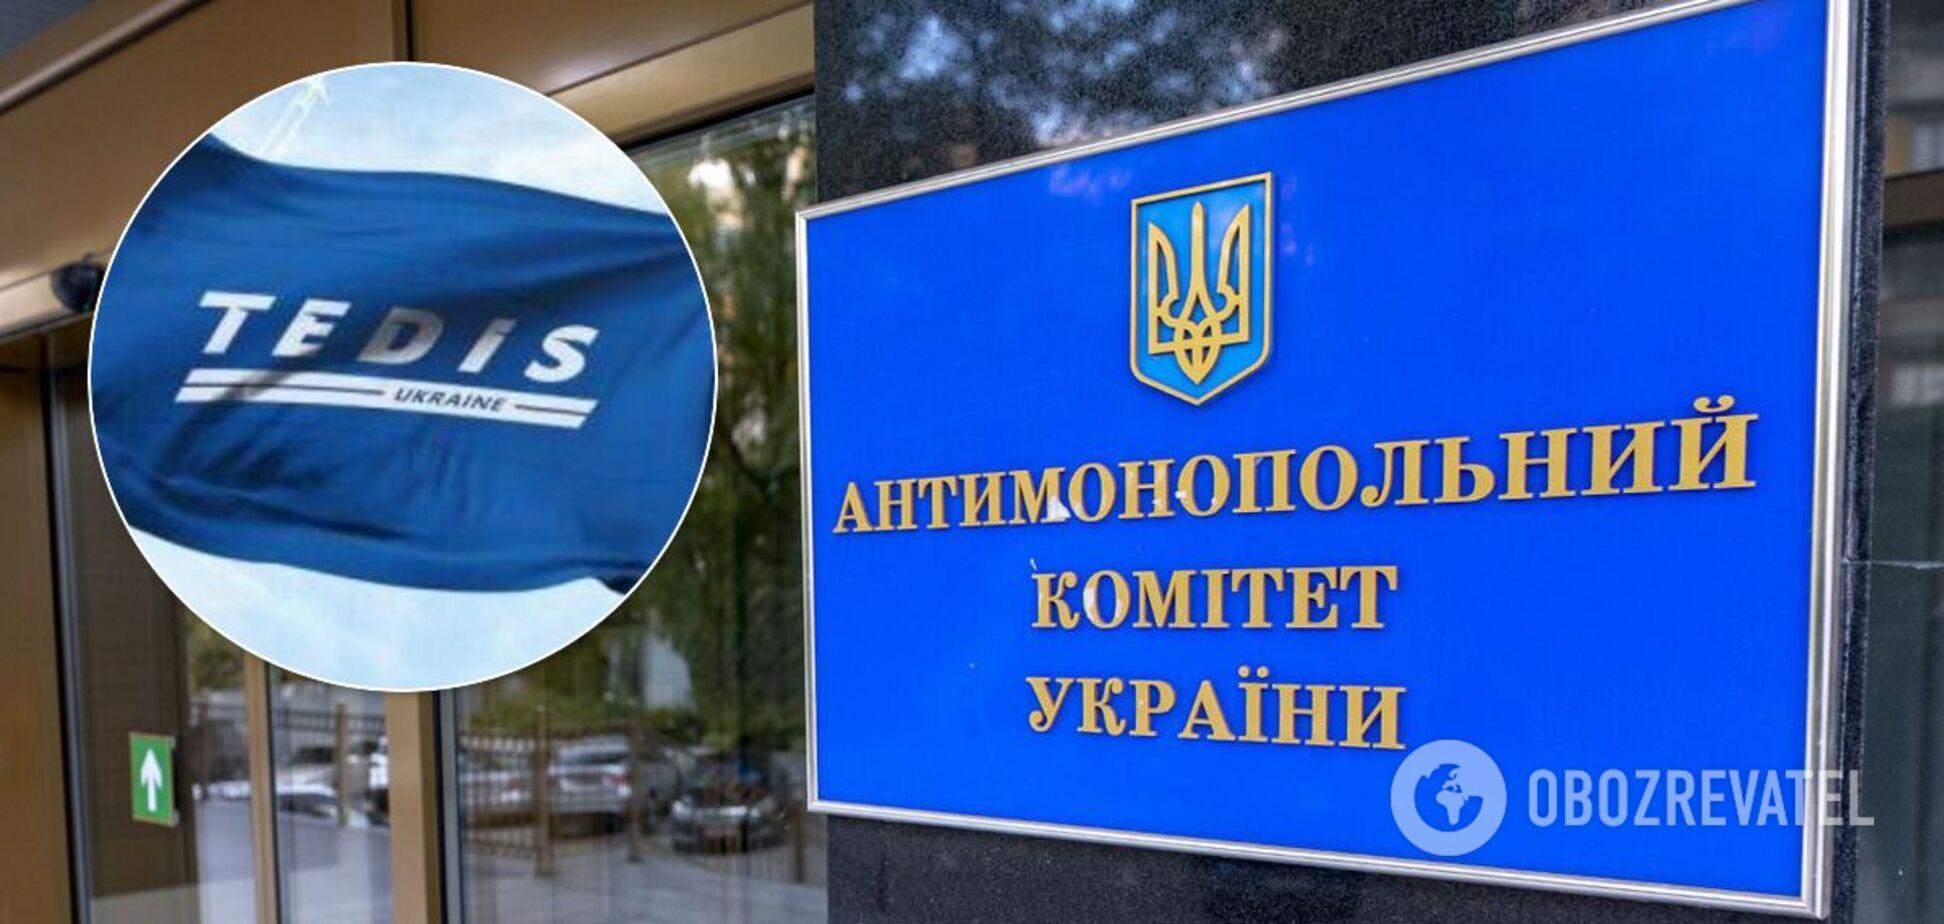 САП закликали розслідувати дії АМКУ у справі 'Тедіс Україна'